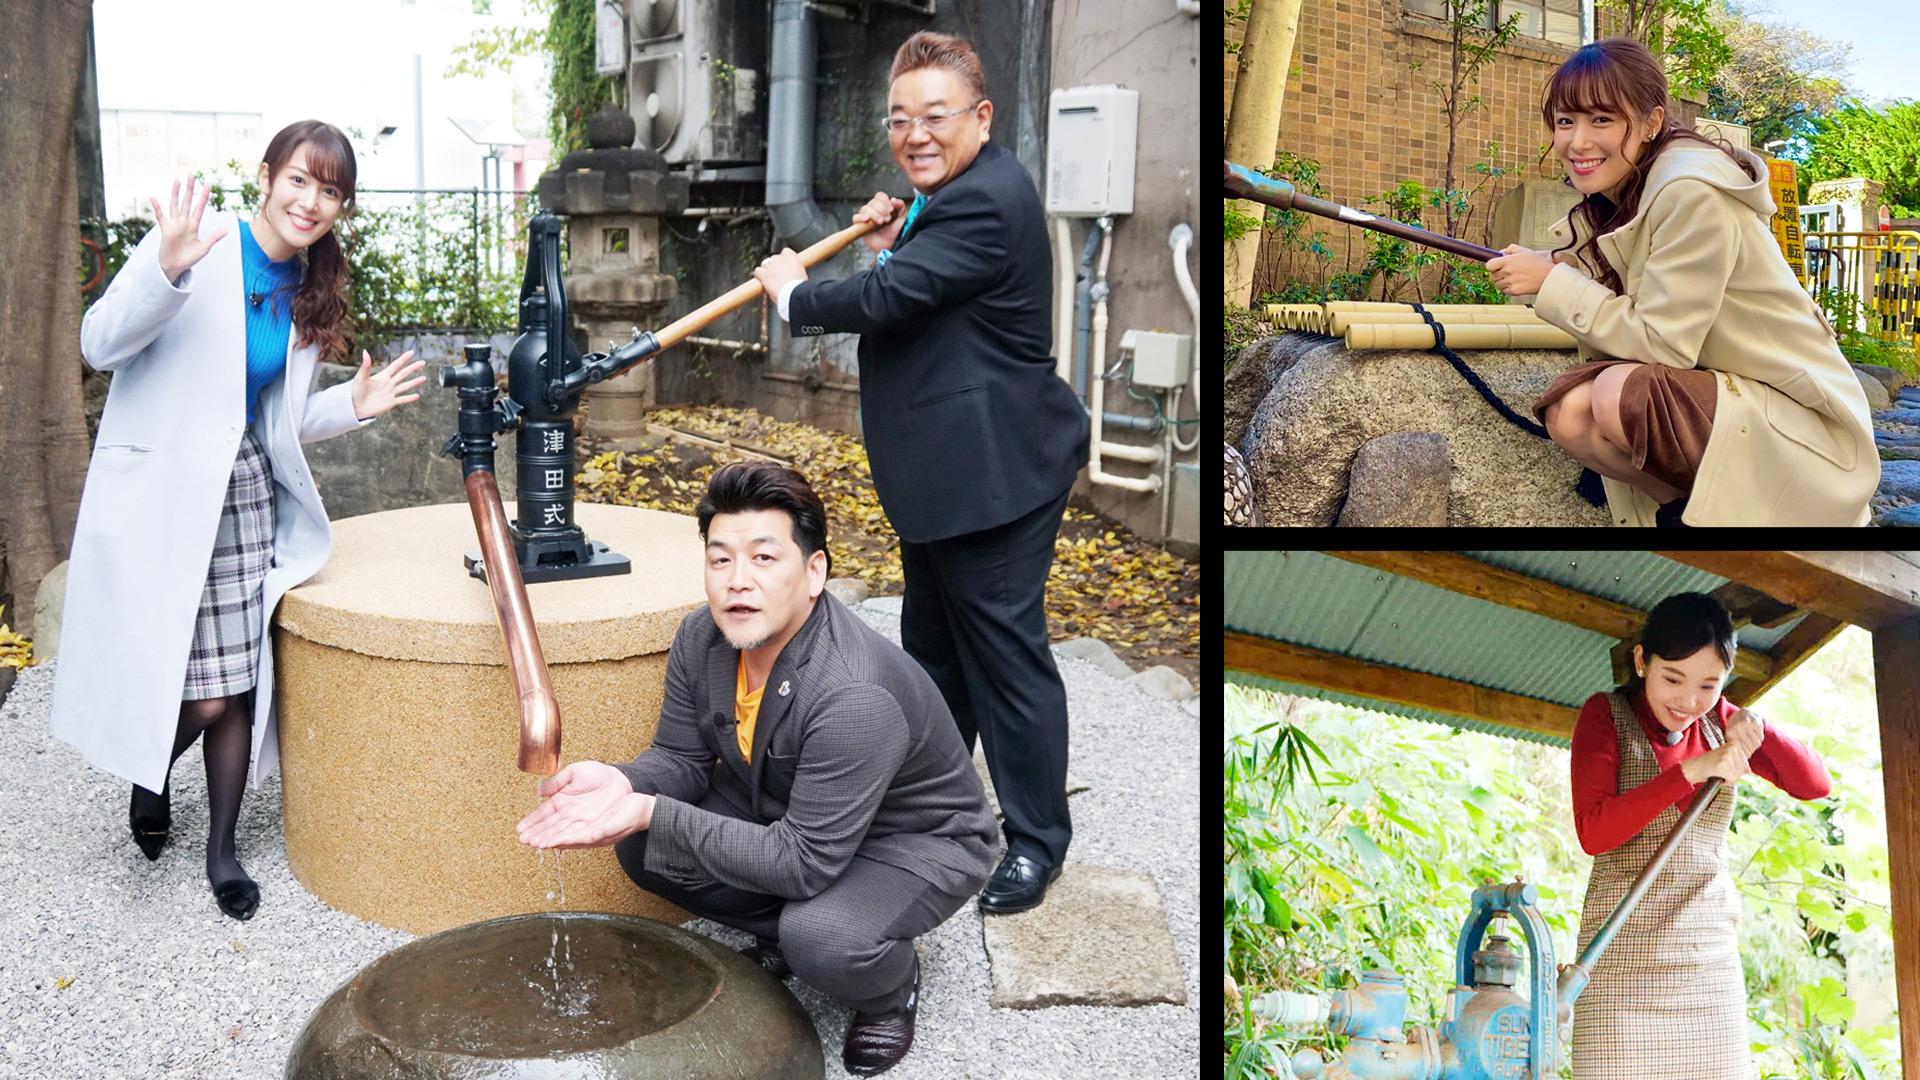 無料テレビで「井戸を掘る!」シリーズを視聴する